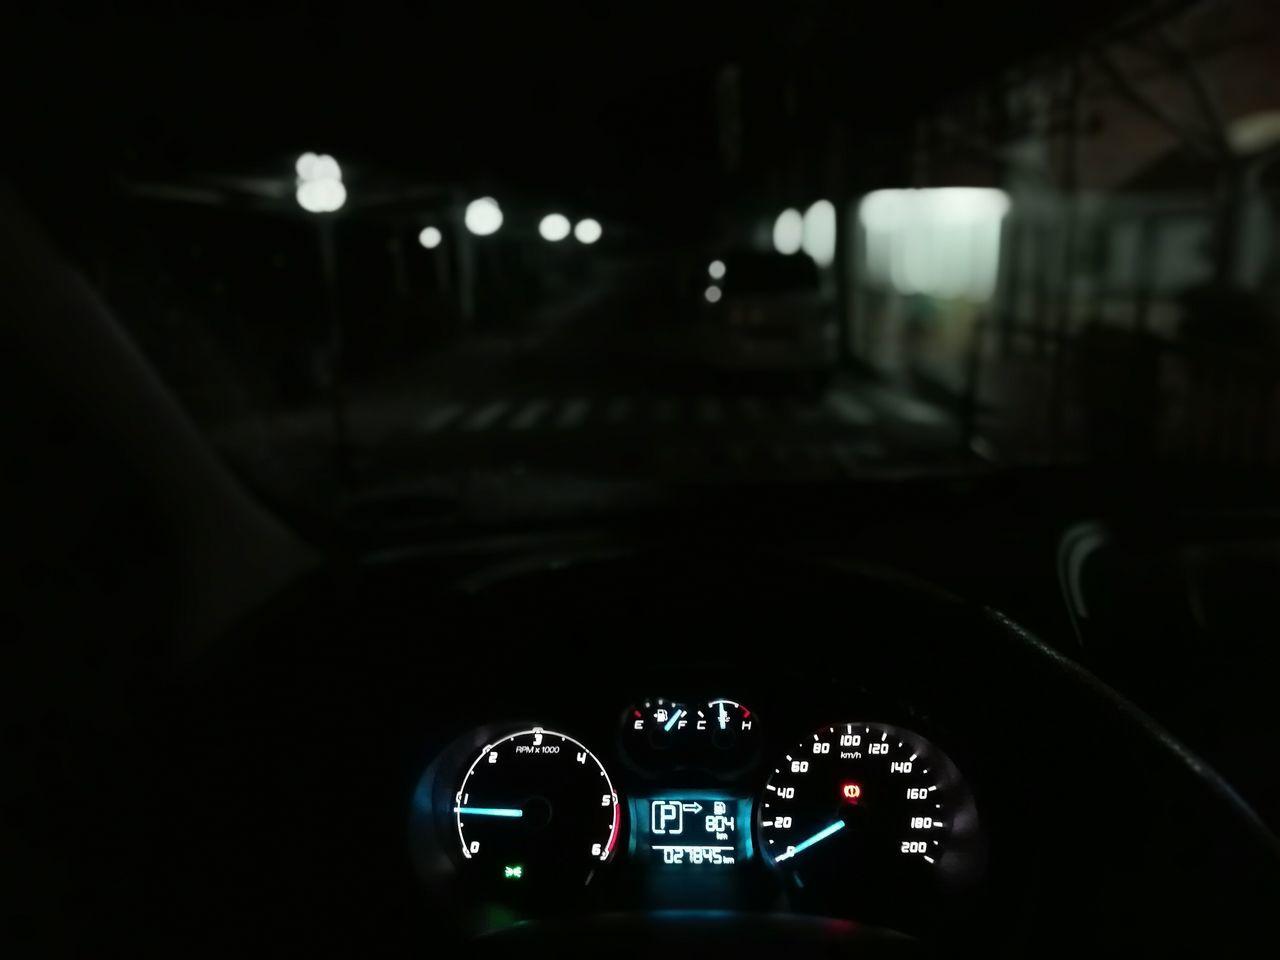 Ford Ranger UTE Truck La Salle Antipolo Night Drive Bored Fulltank Lemon Status Haha